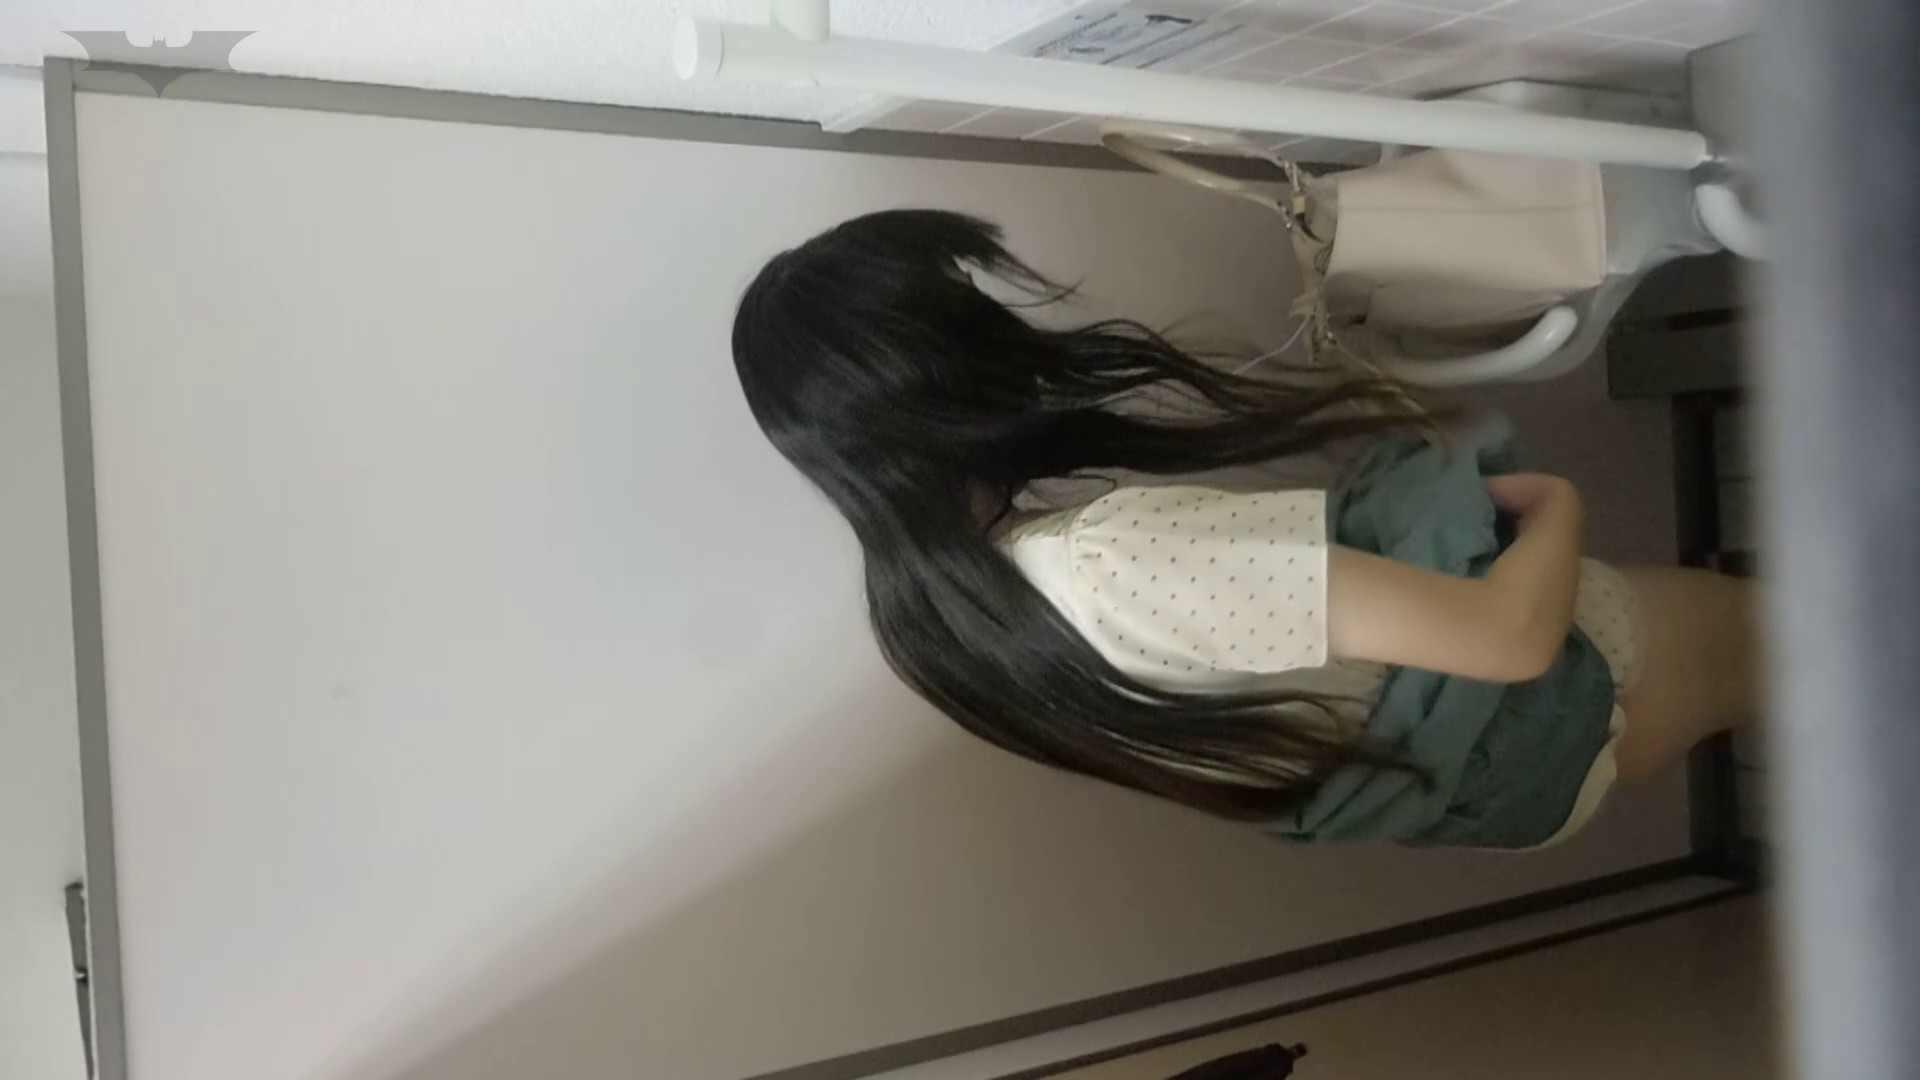 化粧室絵巻 駅舎編 VOL.21 ヨリドリミドリ!!選びたい放題です。 OLハメ撮り  80Pix 6